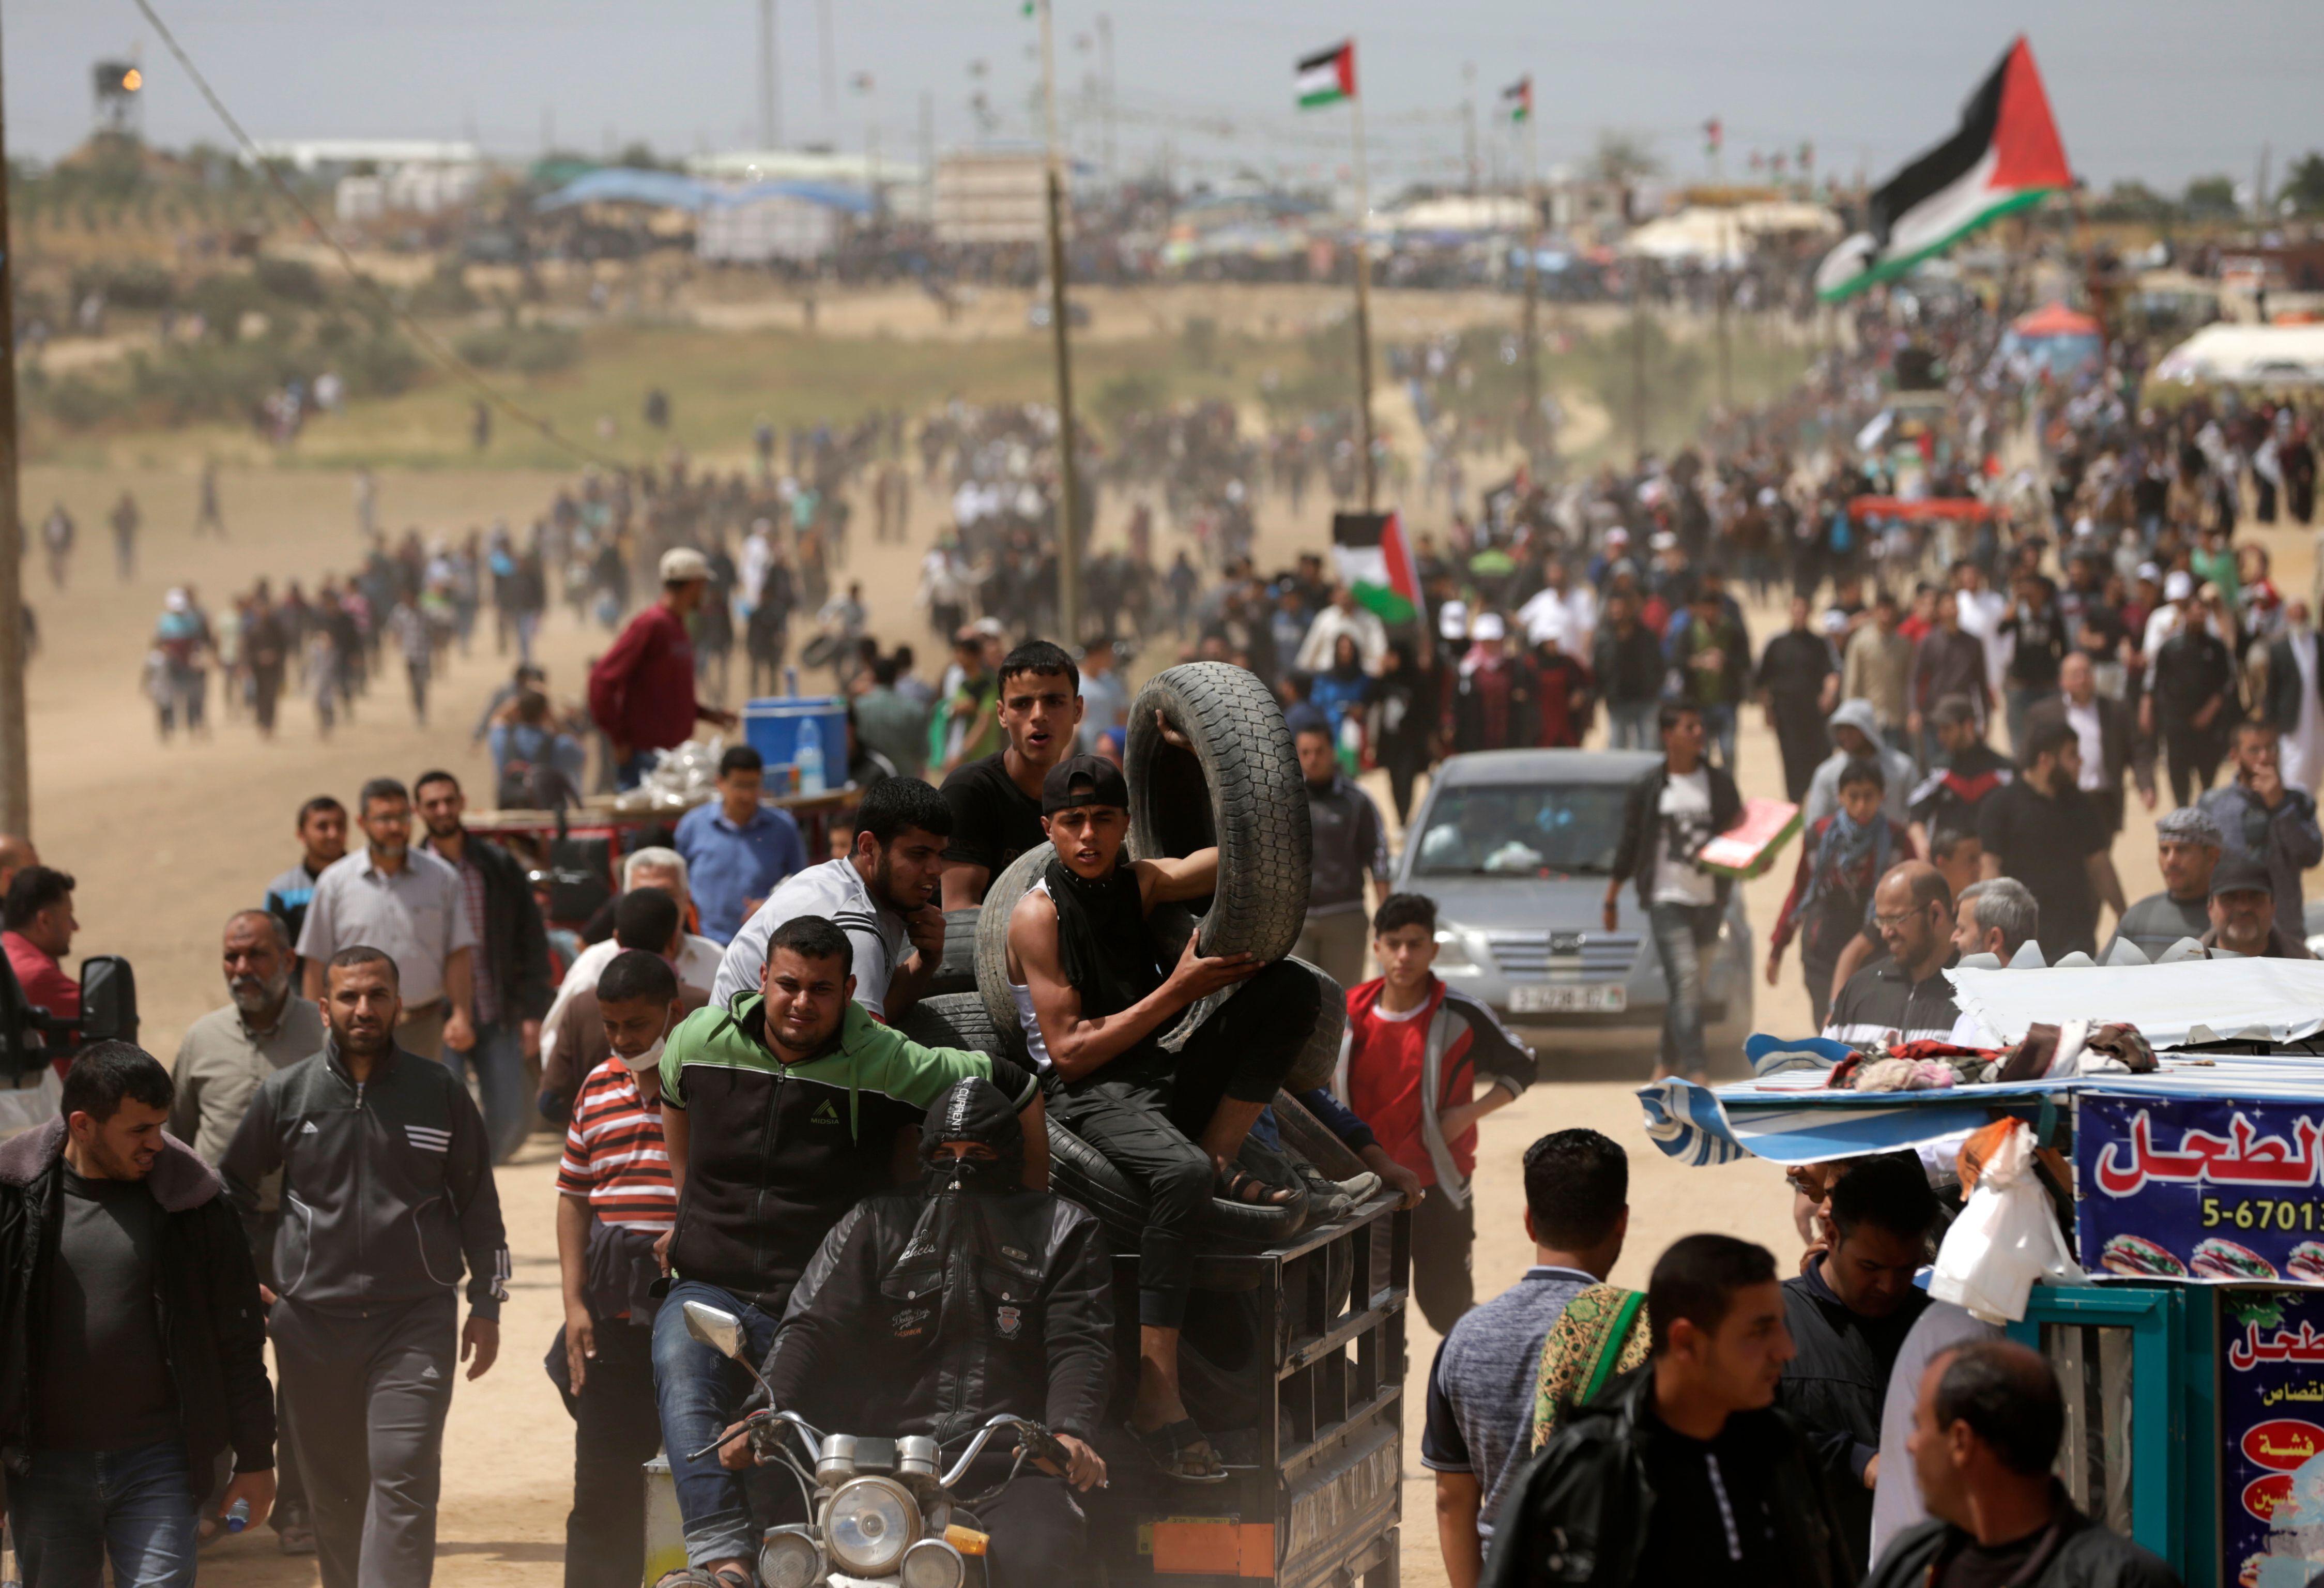 جمعة الأعلام فى فلسطين